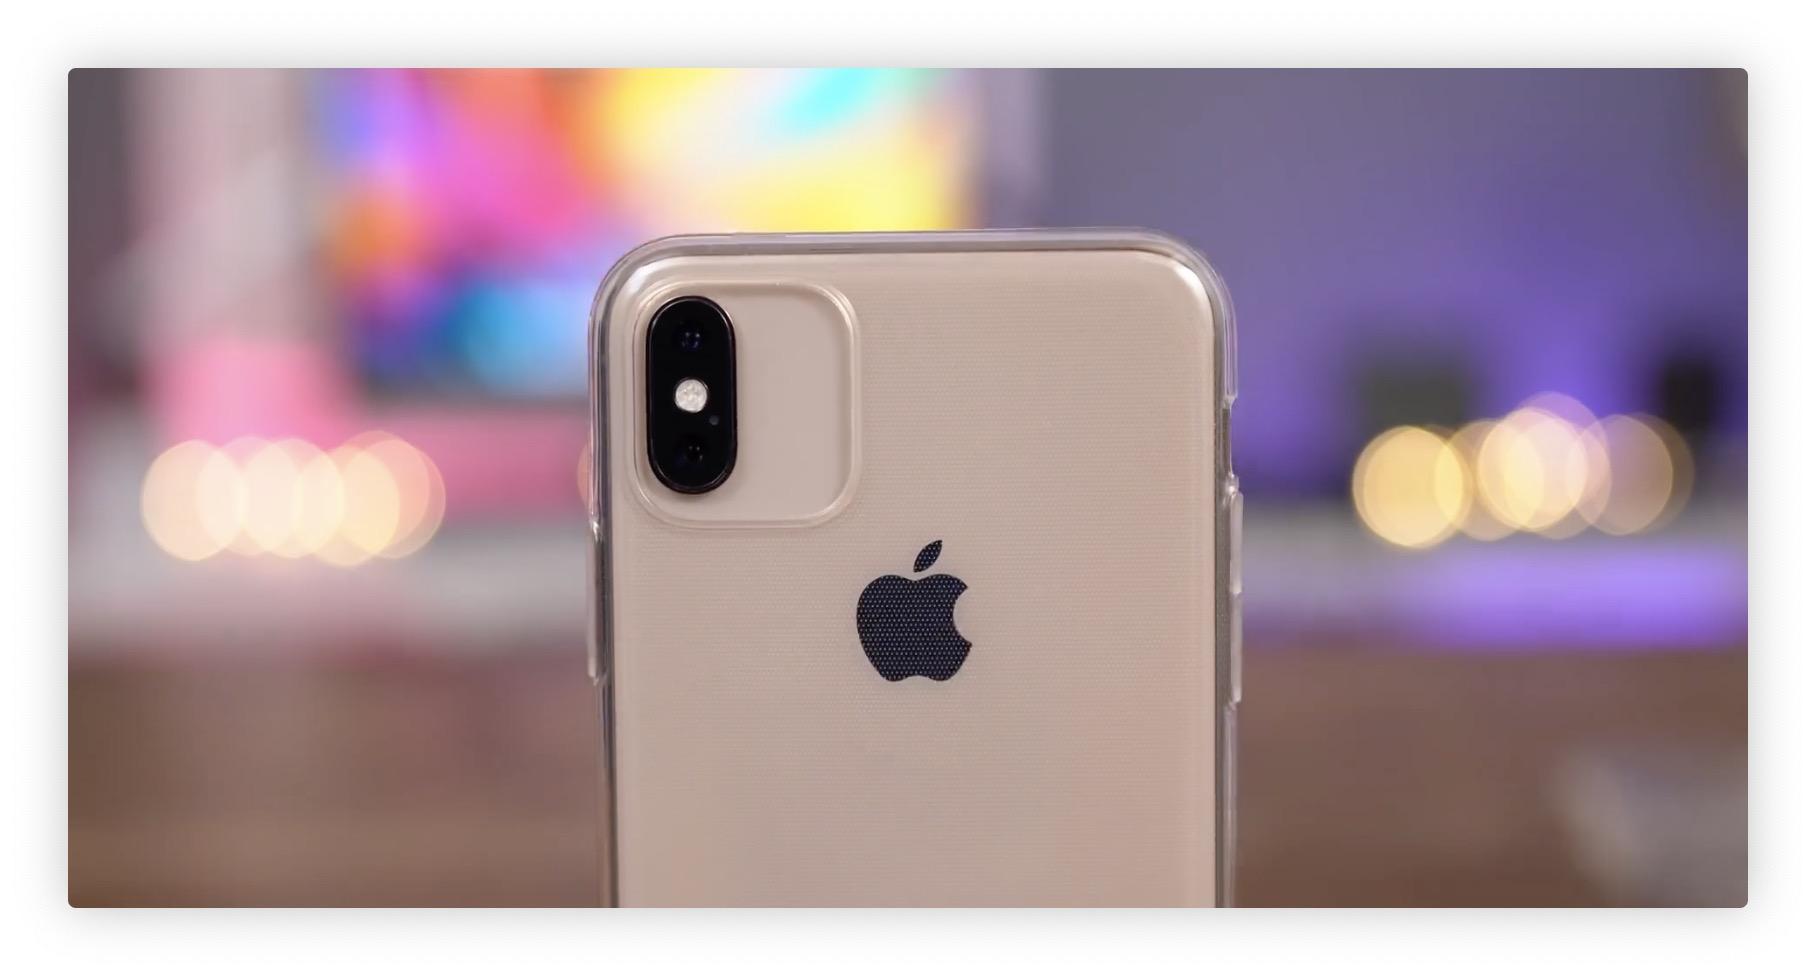 Des coques pour visualiser les (quelques) différences entre les iPhone 2019 et les XR, XS actuels 1